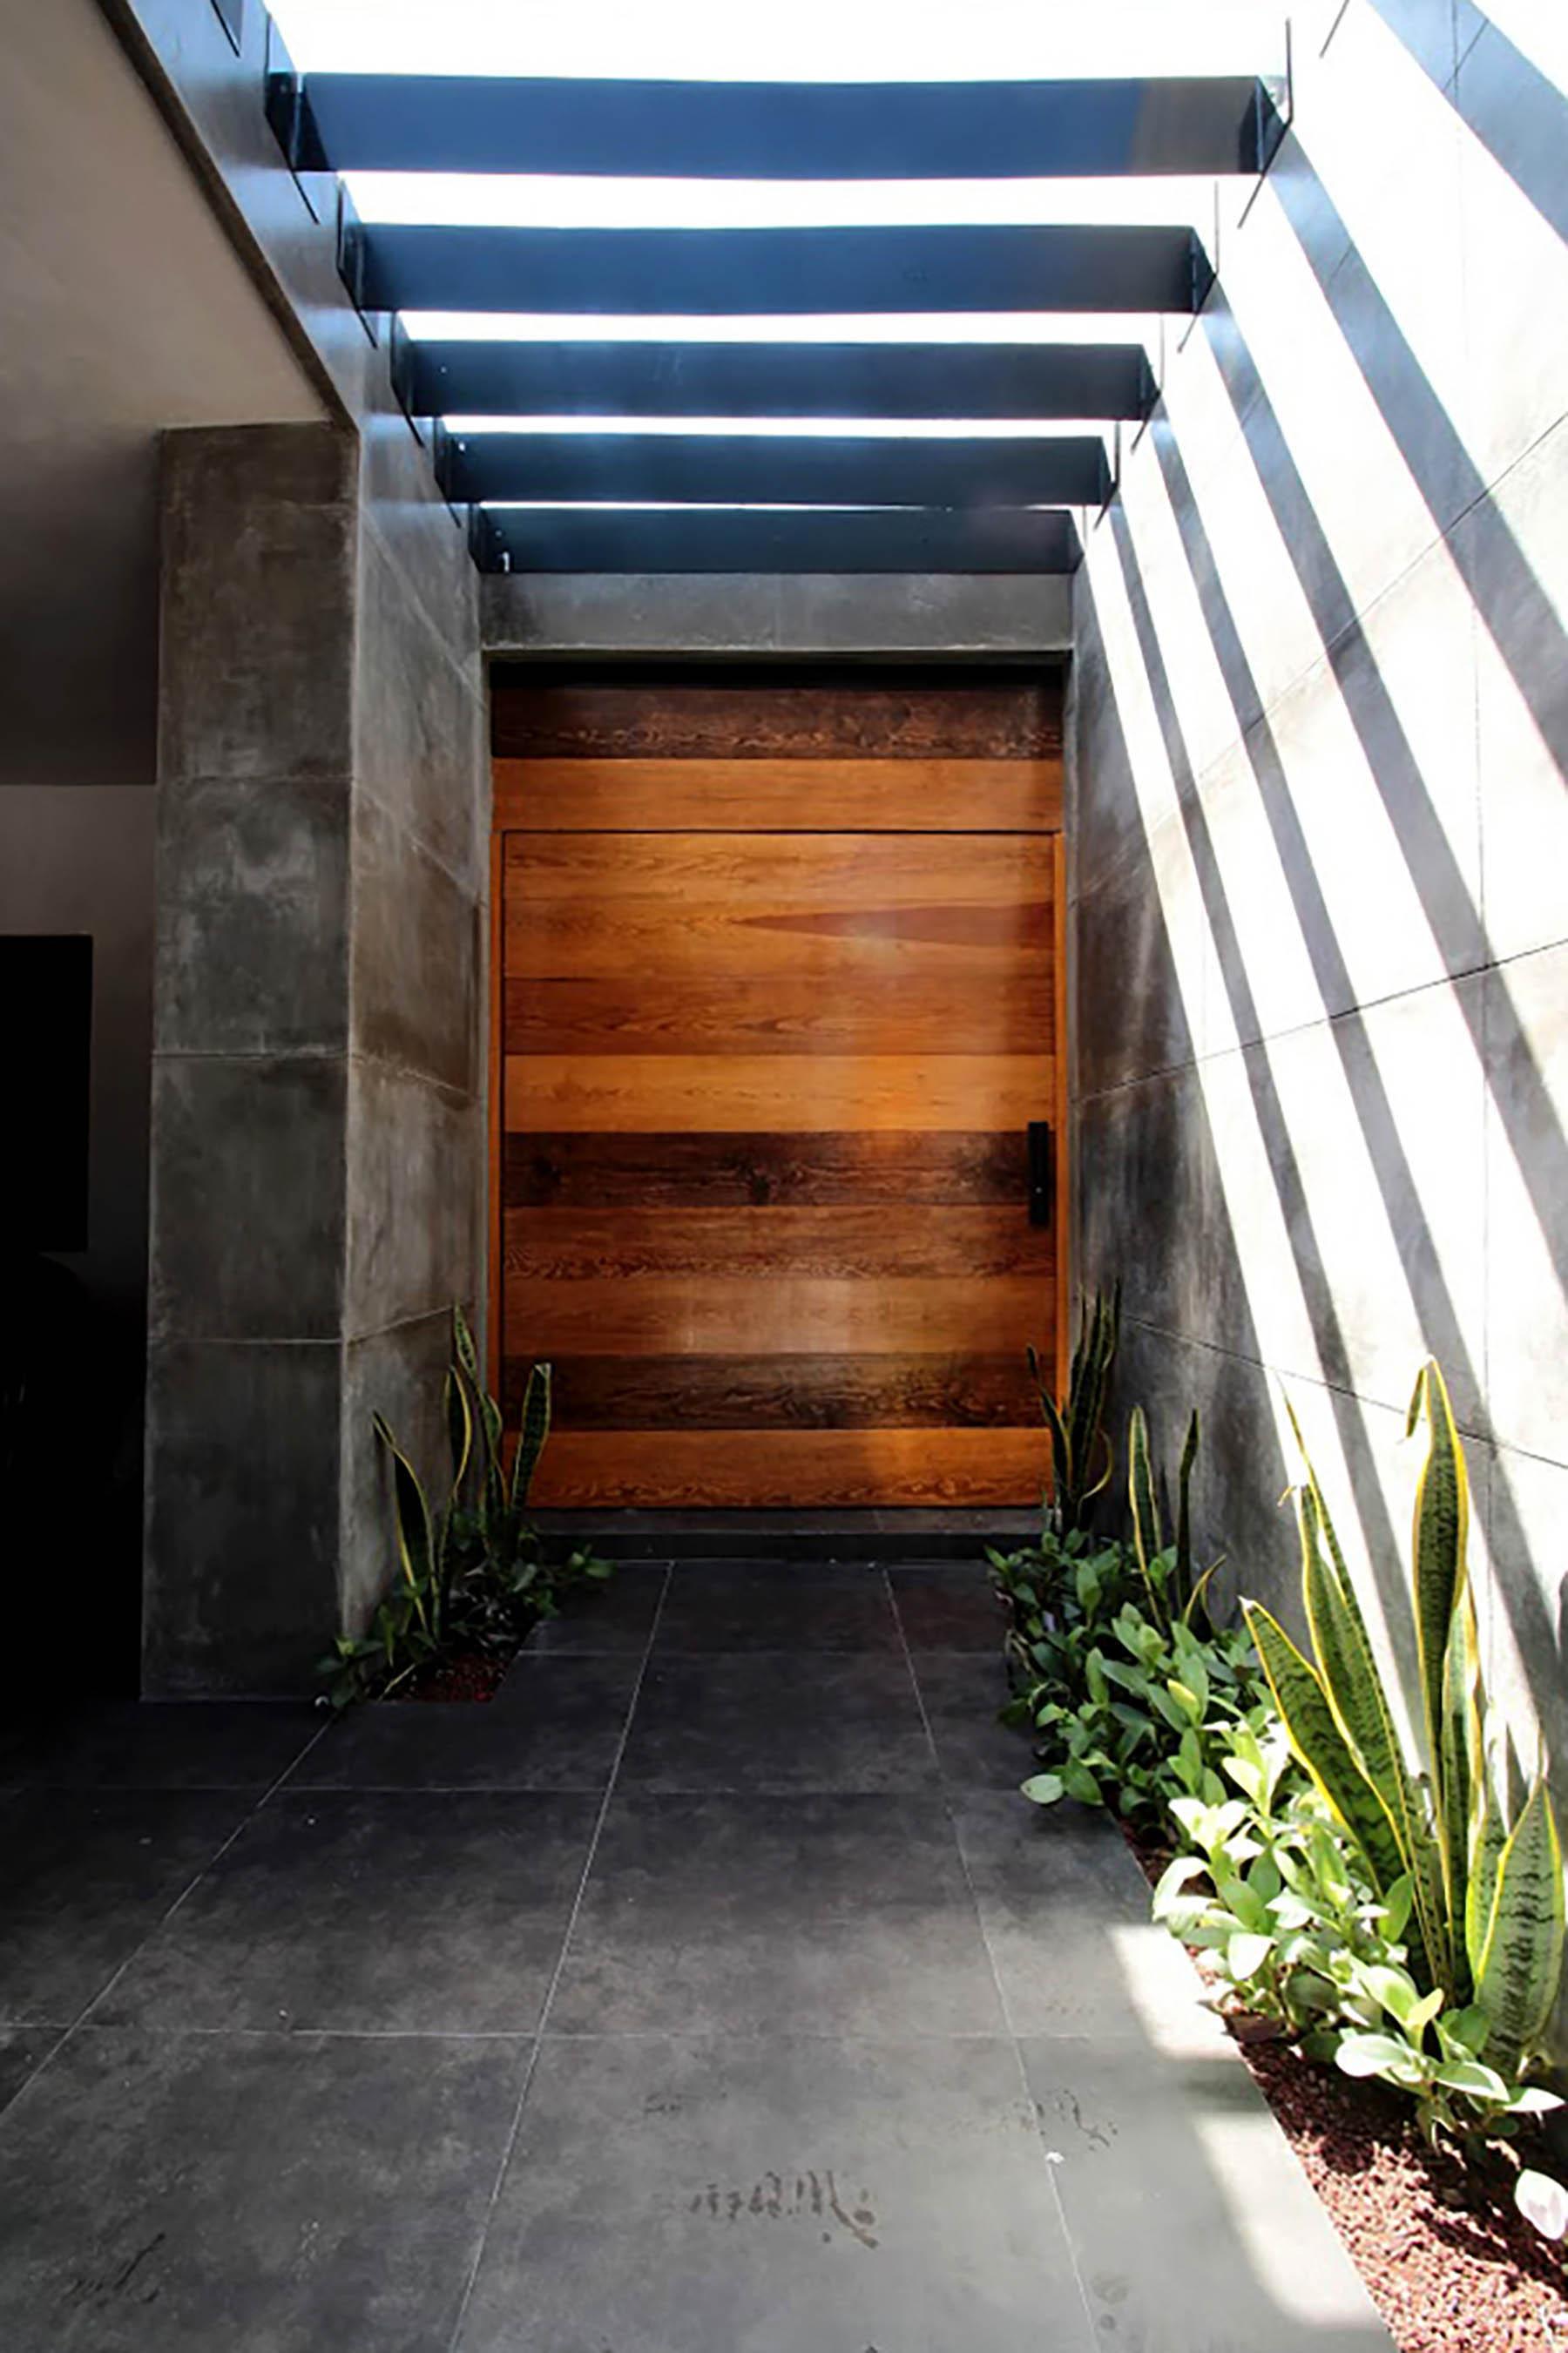 iGNANT-Architecture-Ariel-Valenzuela-And-Diego-Ledesma -Casa-Papagayo-27